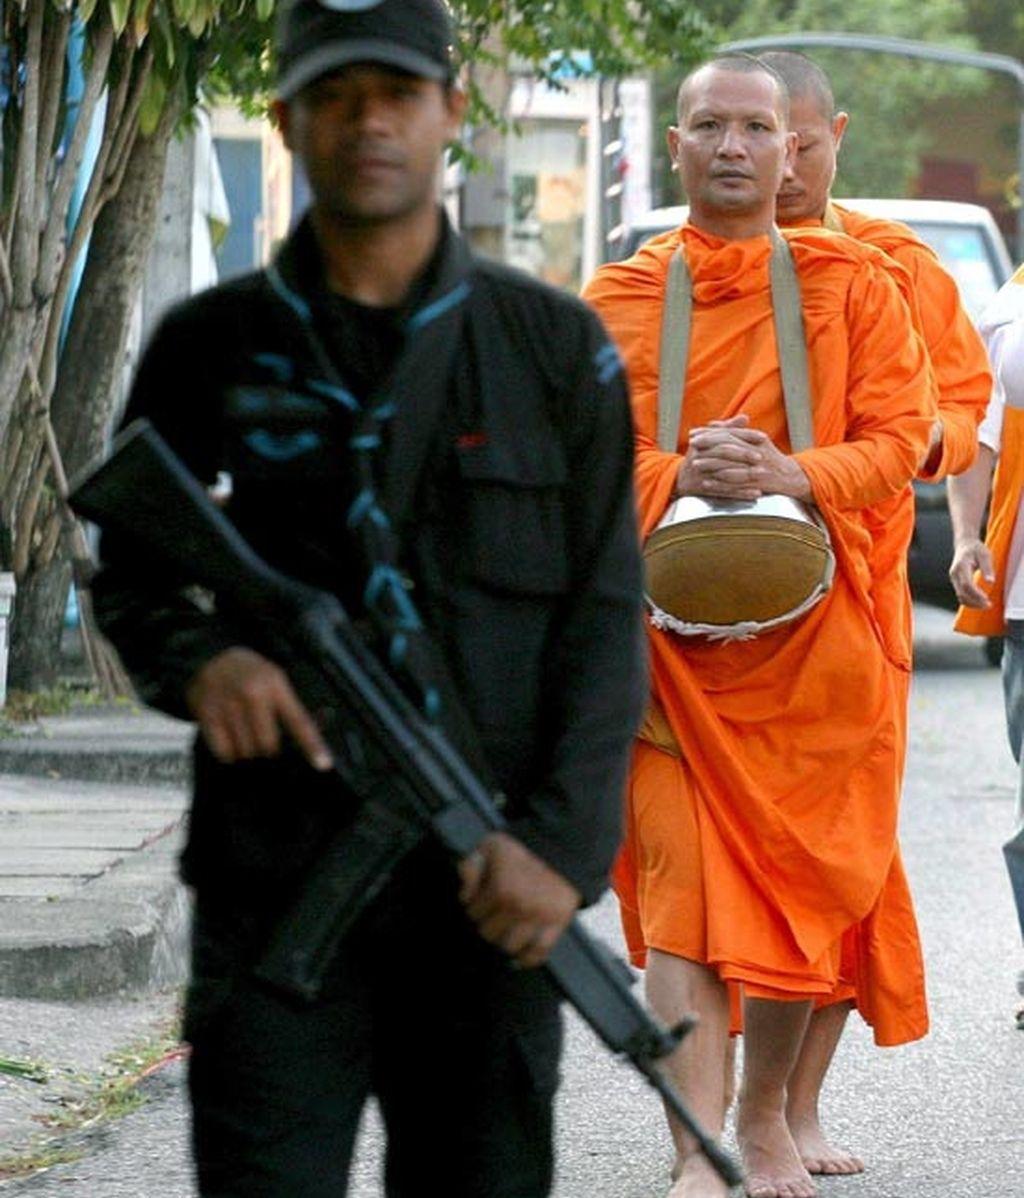 Monjes Budistas escoltados